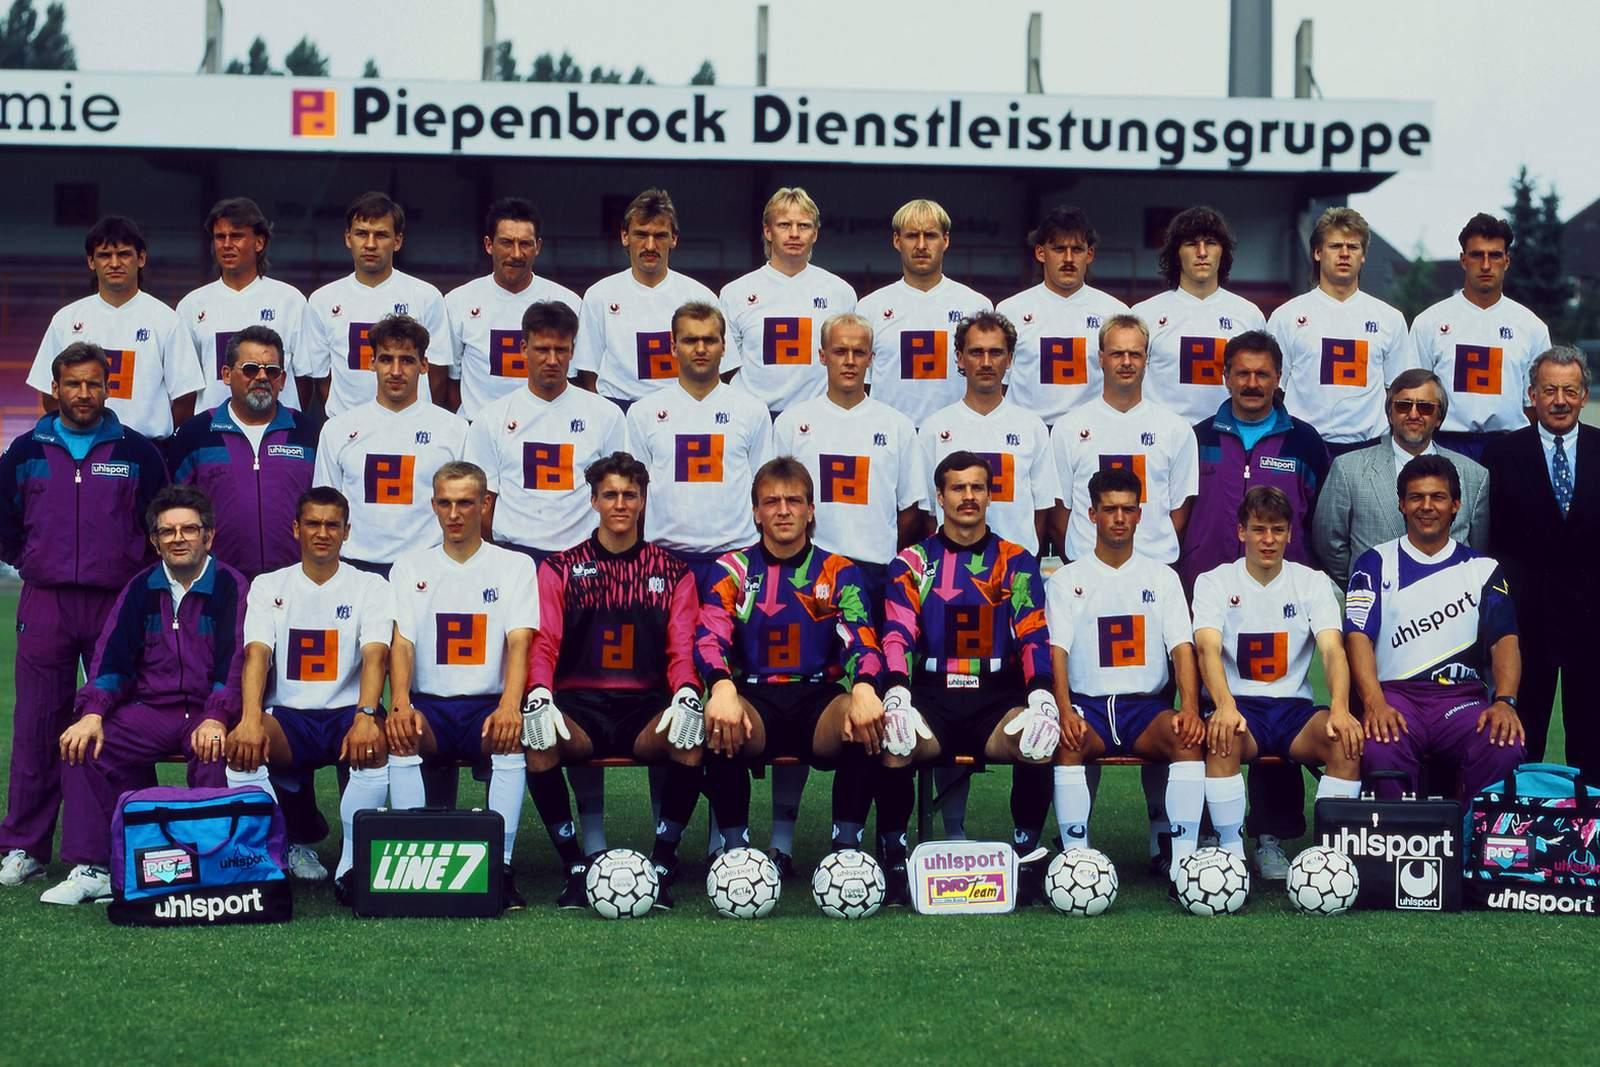 Ronald Maul vom VfL Osnabrück